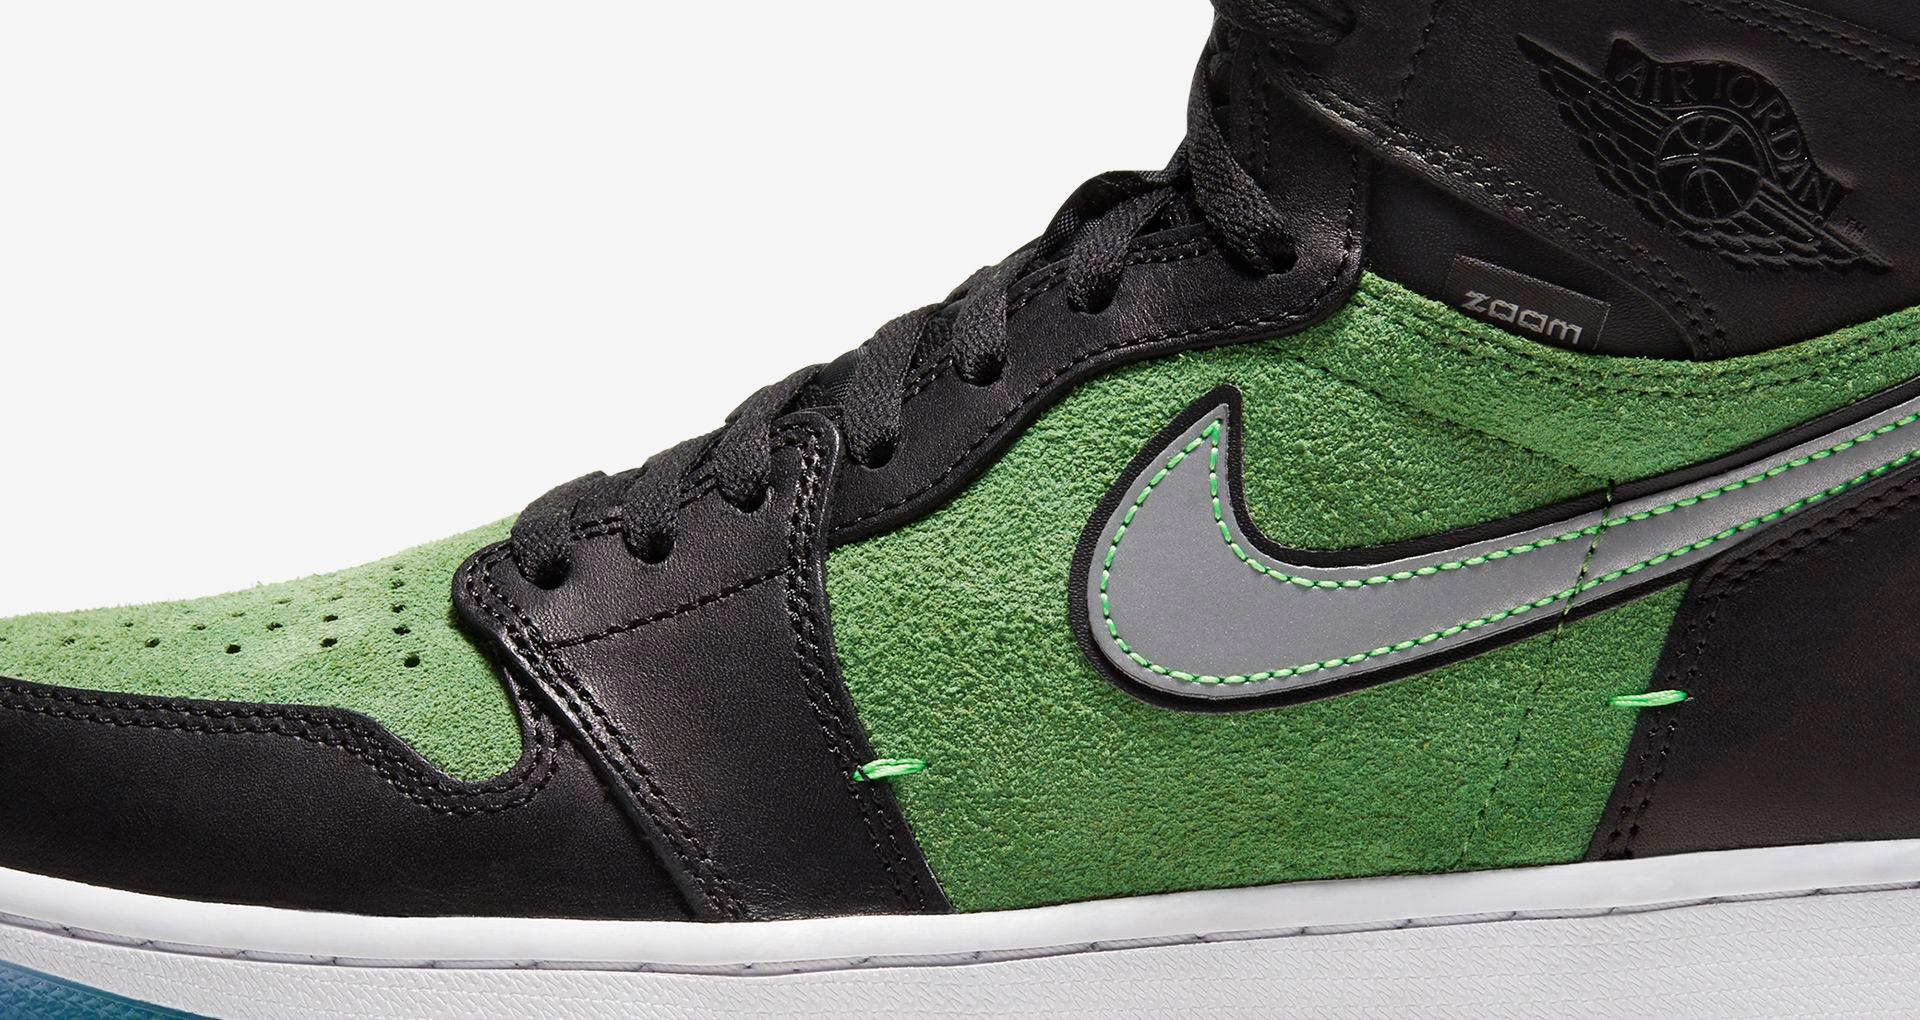 aj1-zoom-zen-green